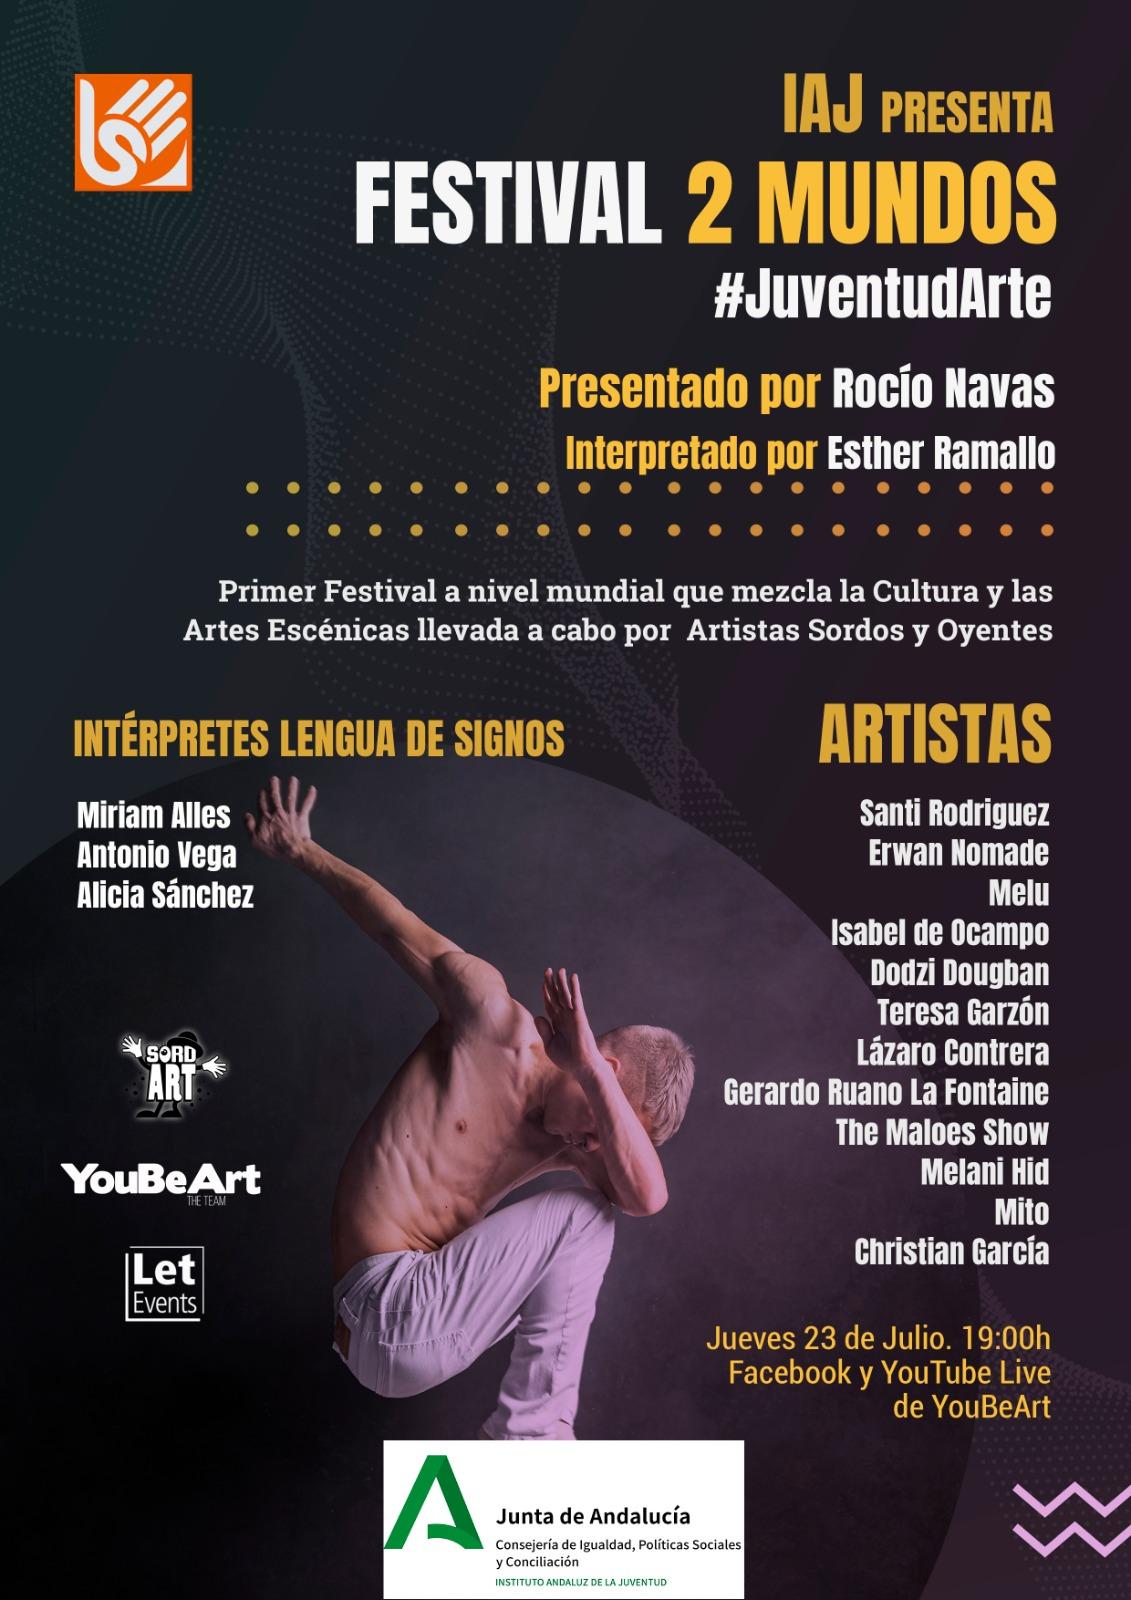 El IAJ une este jueves a artistas sordos y oyentes en el Festival 2 Mundos